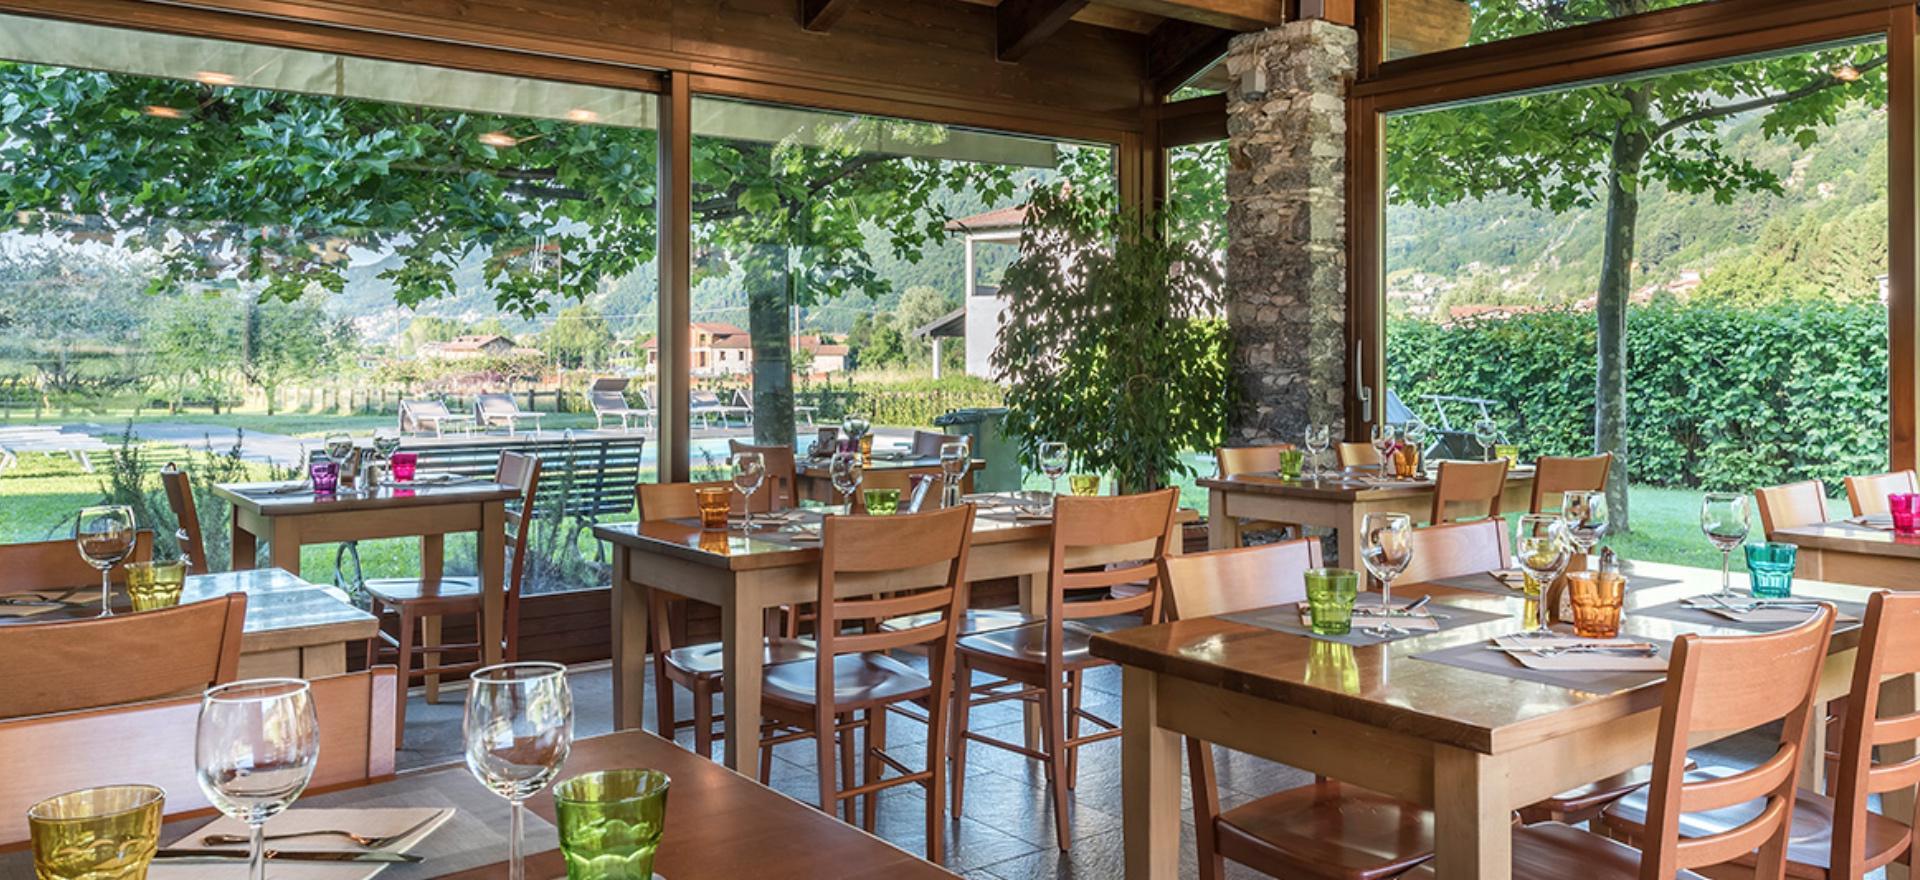 Agriturismo Comomeer en Gardameer Agriturismo Comomeer, met restaurant en zwembad